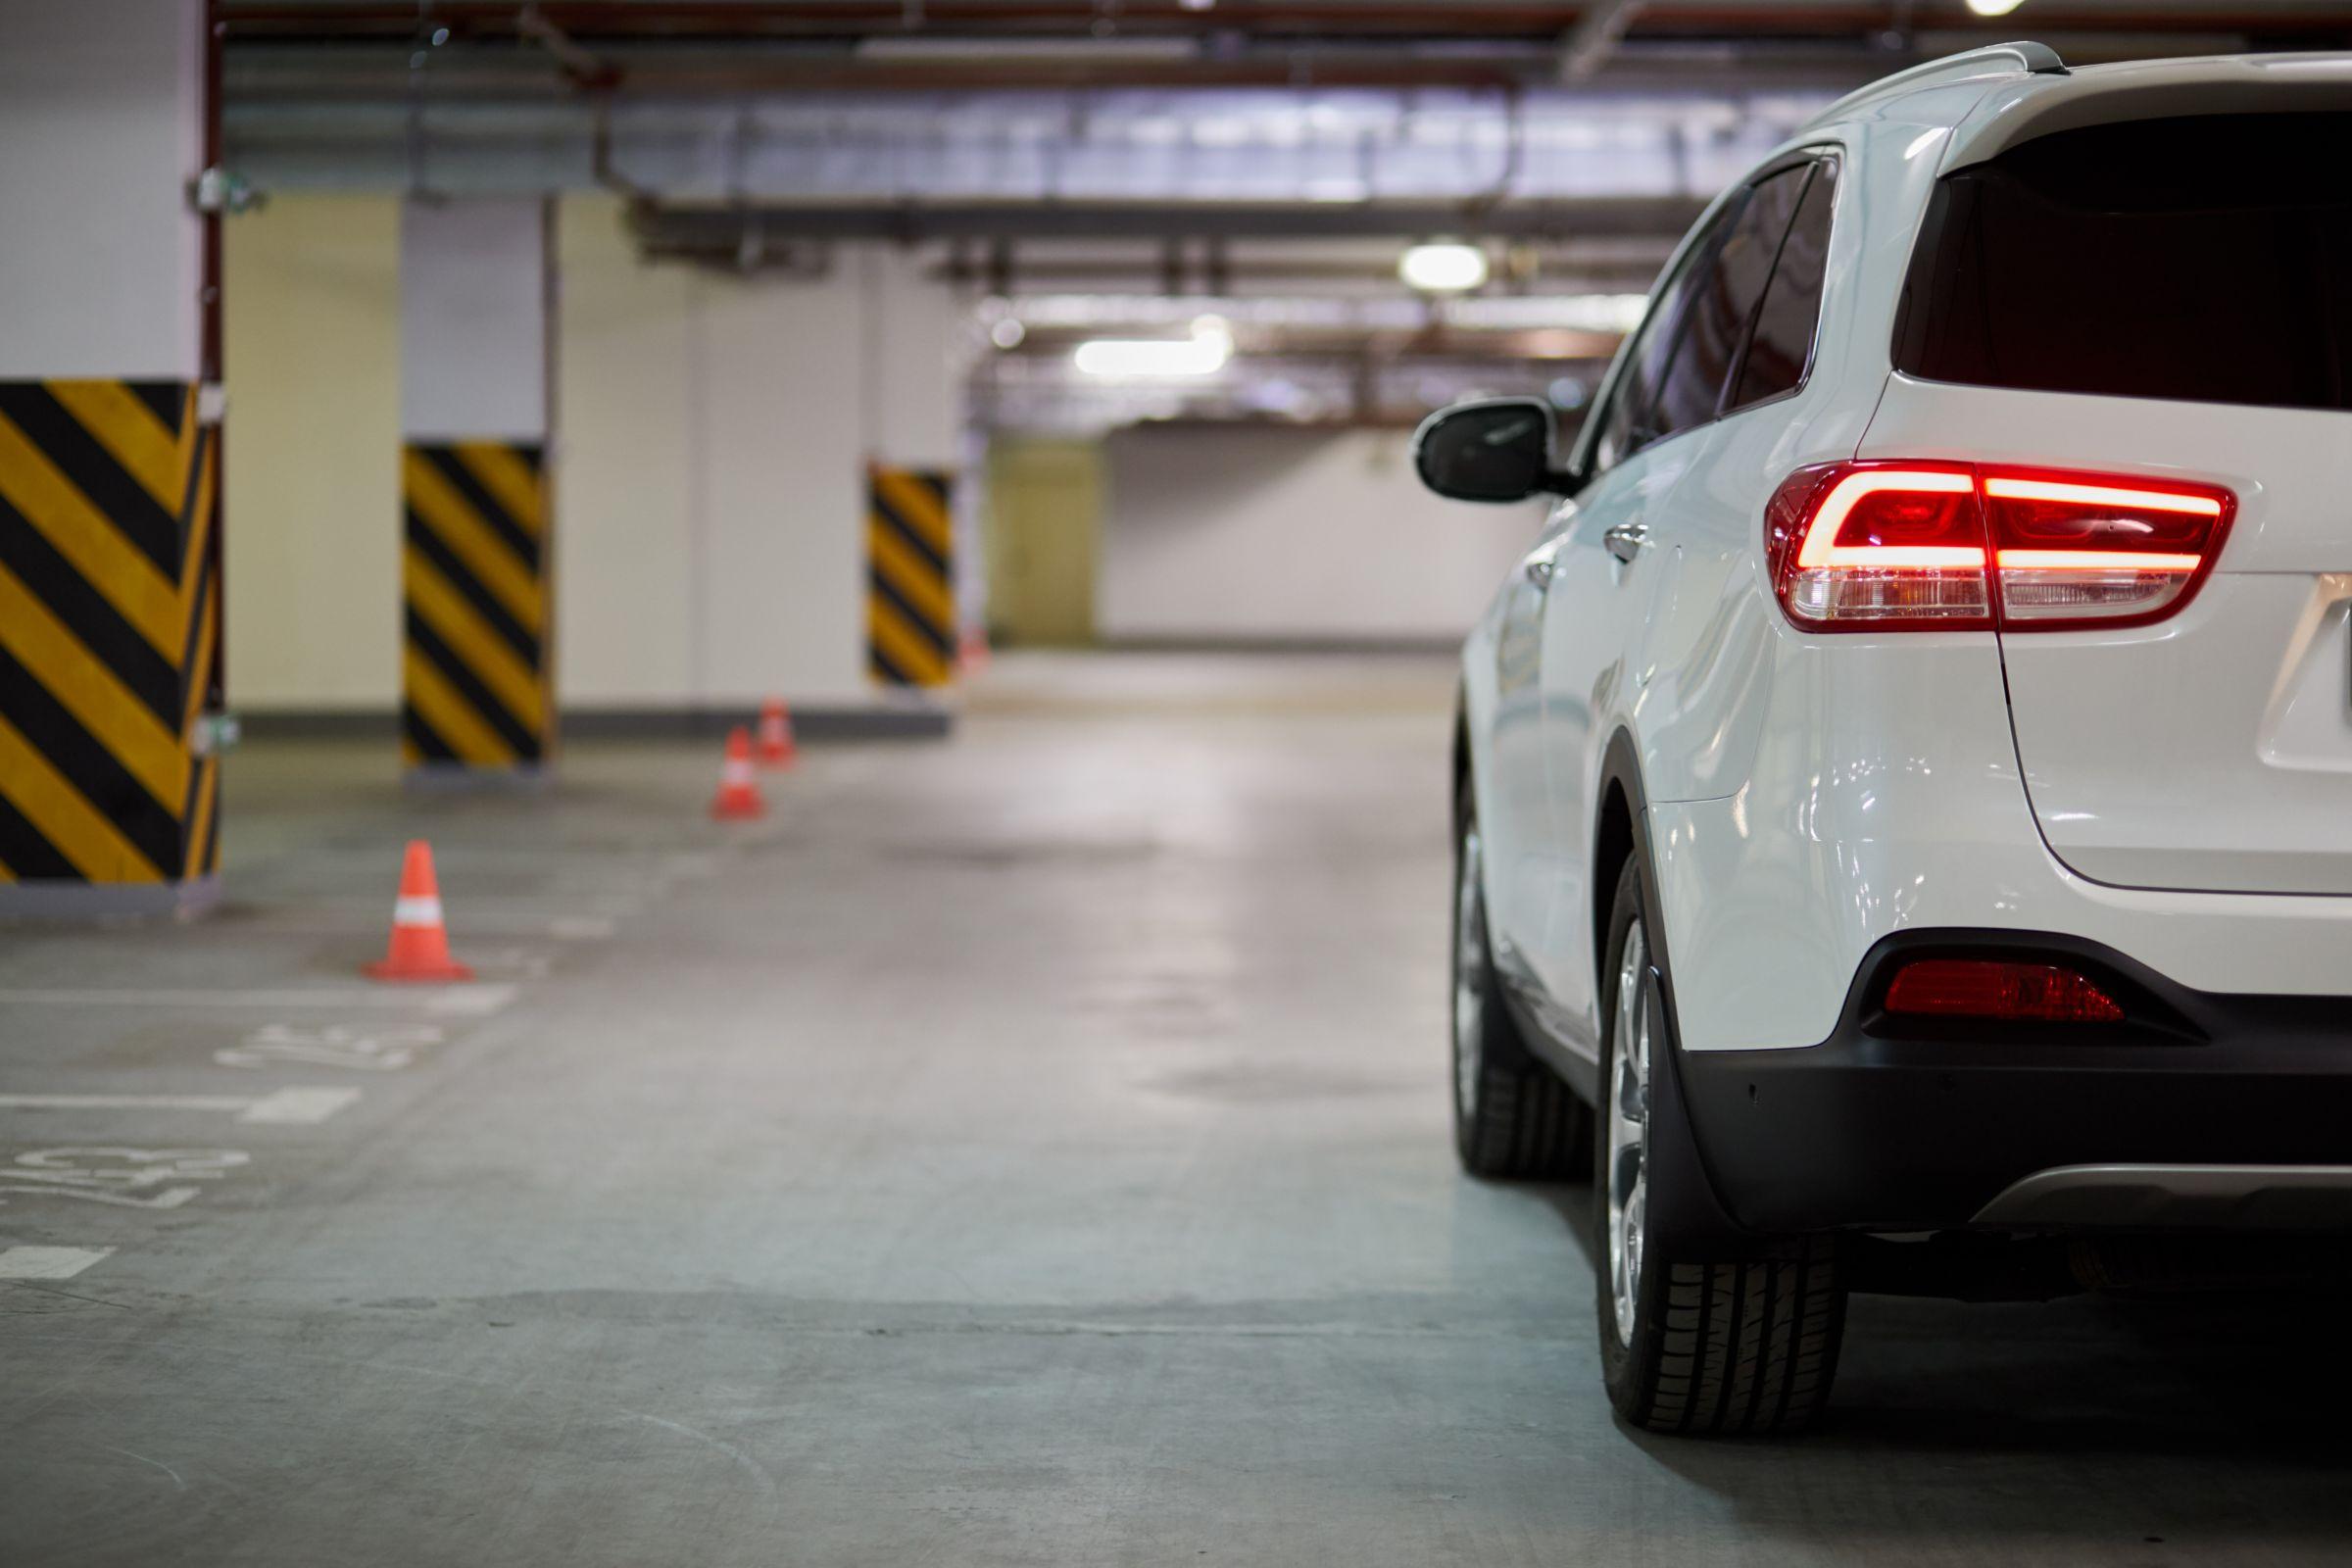 O Código de Trânsito Brasileiro (CTB) também deve ser seguido em condomínios fechados. Motoristas podem levar multas em estacionamentos privados.